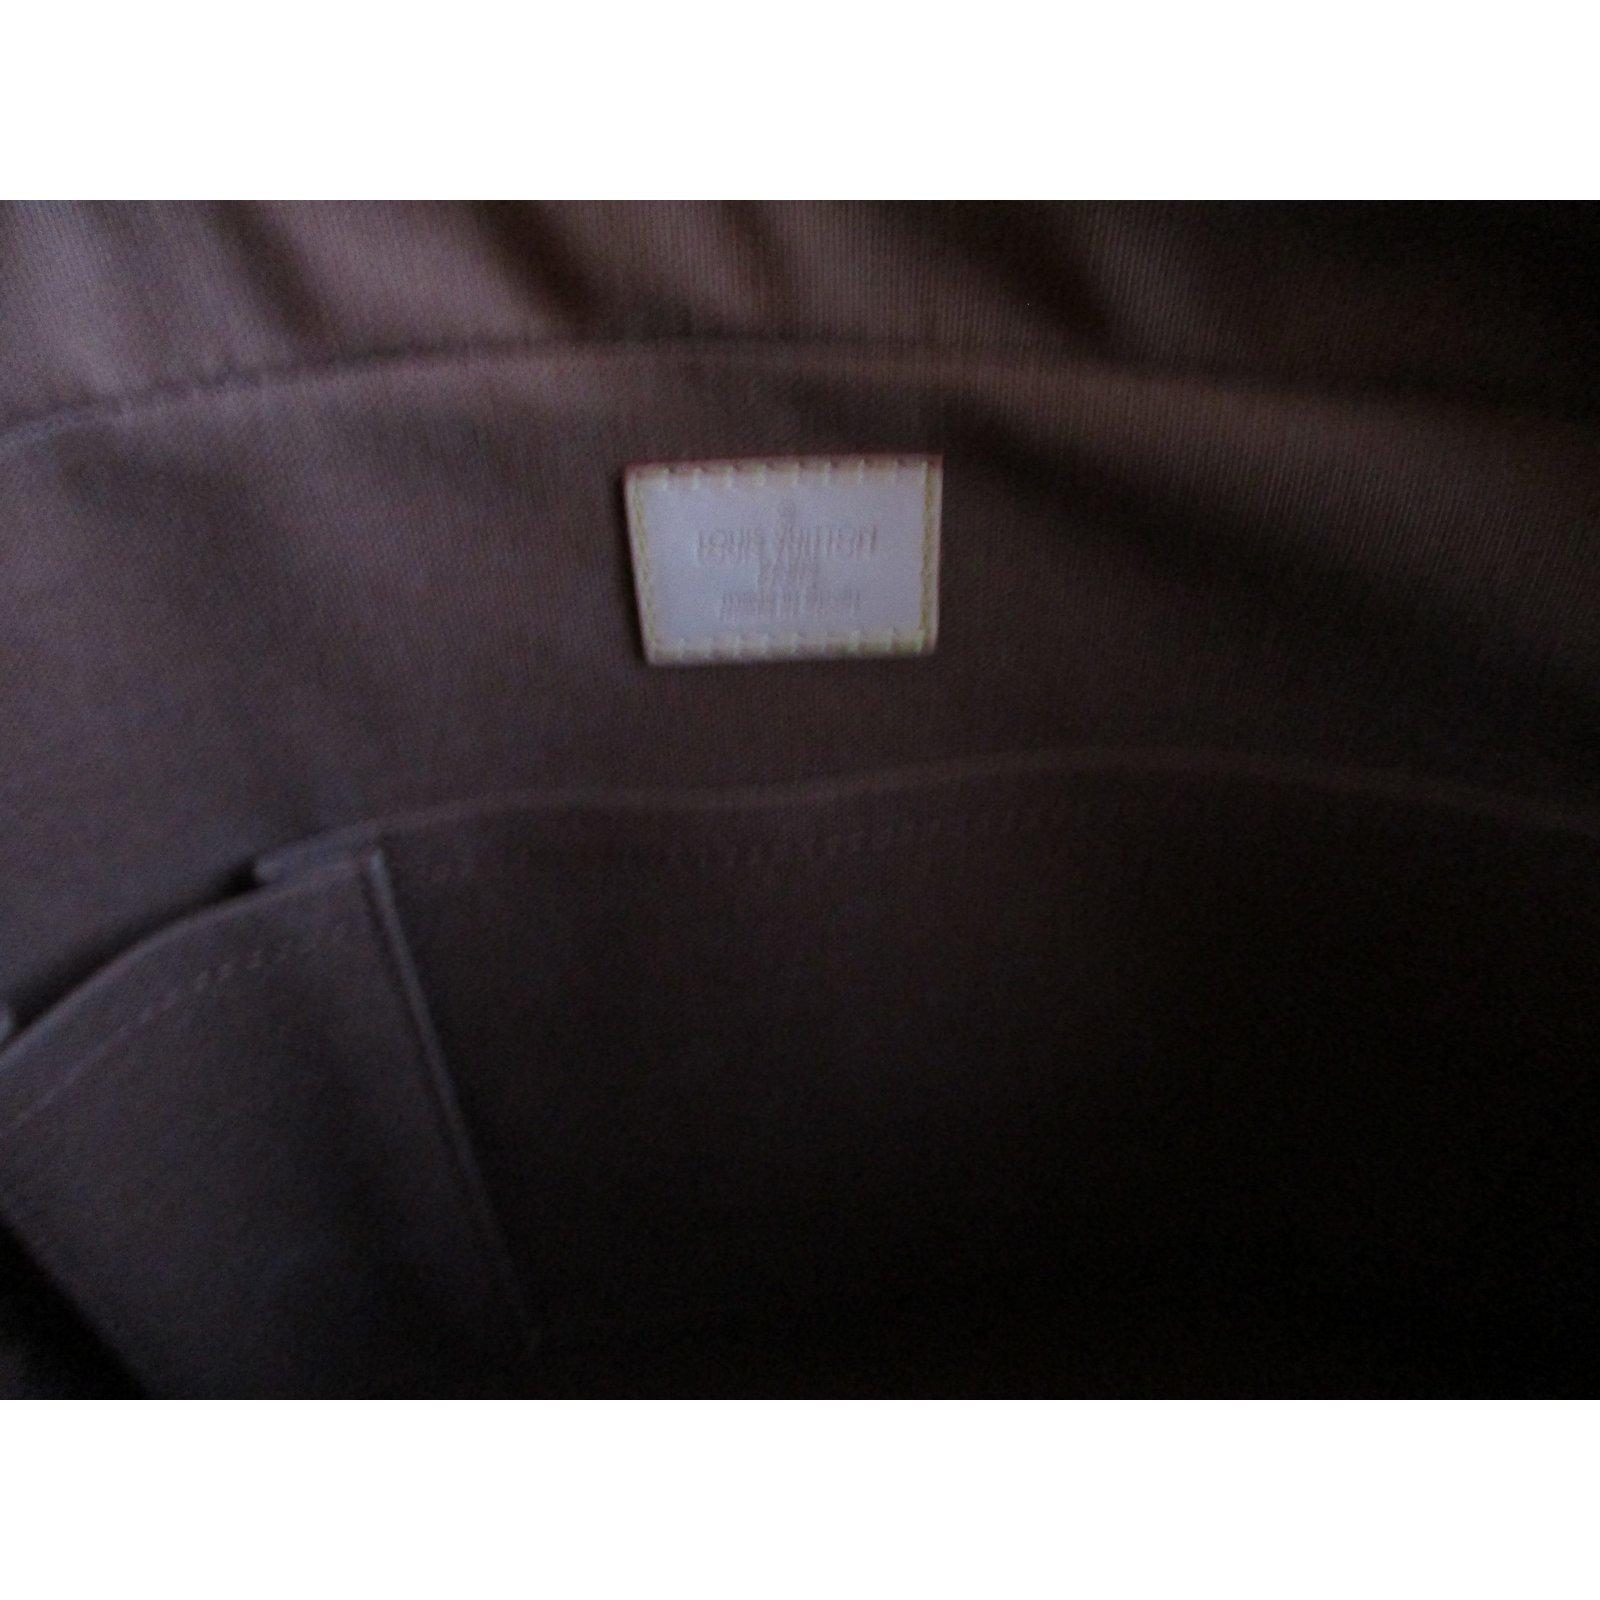 7a53684fc6cc Sacs à main Louis Vuitton Sac, porte document, cartable, sac de voyage,  laptop case, Louis Vuitton Cuir,Toile Marron ref.98686 - Joli Closet